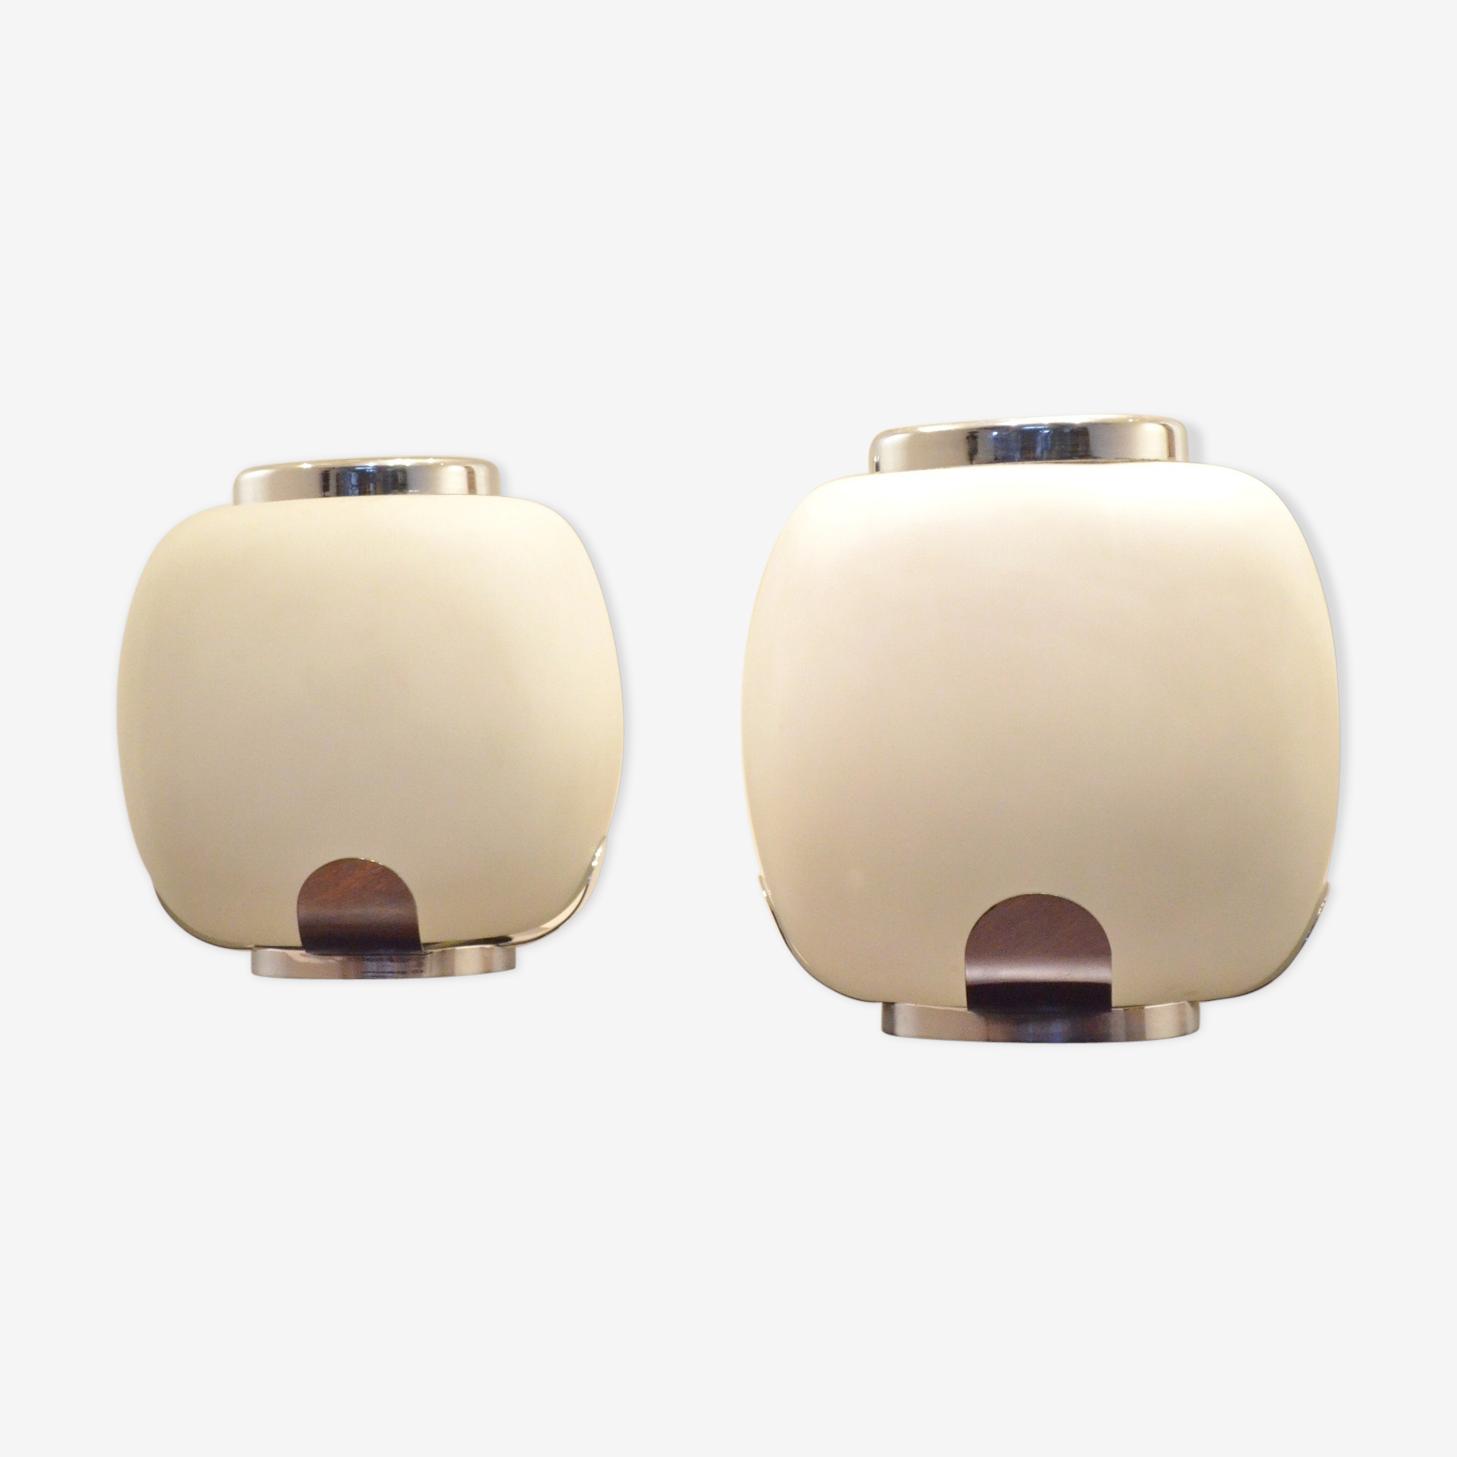 Paire de lampes, vases en verre opaline et chrome par Barbini 1970